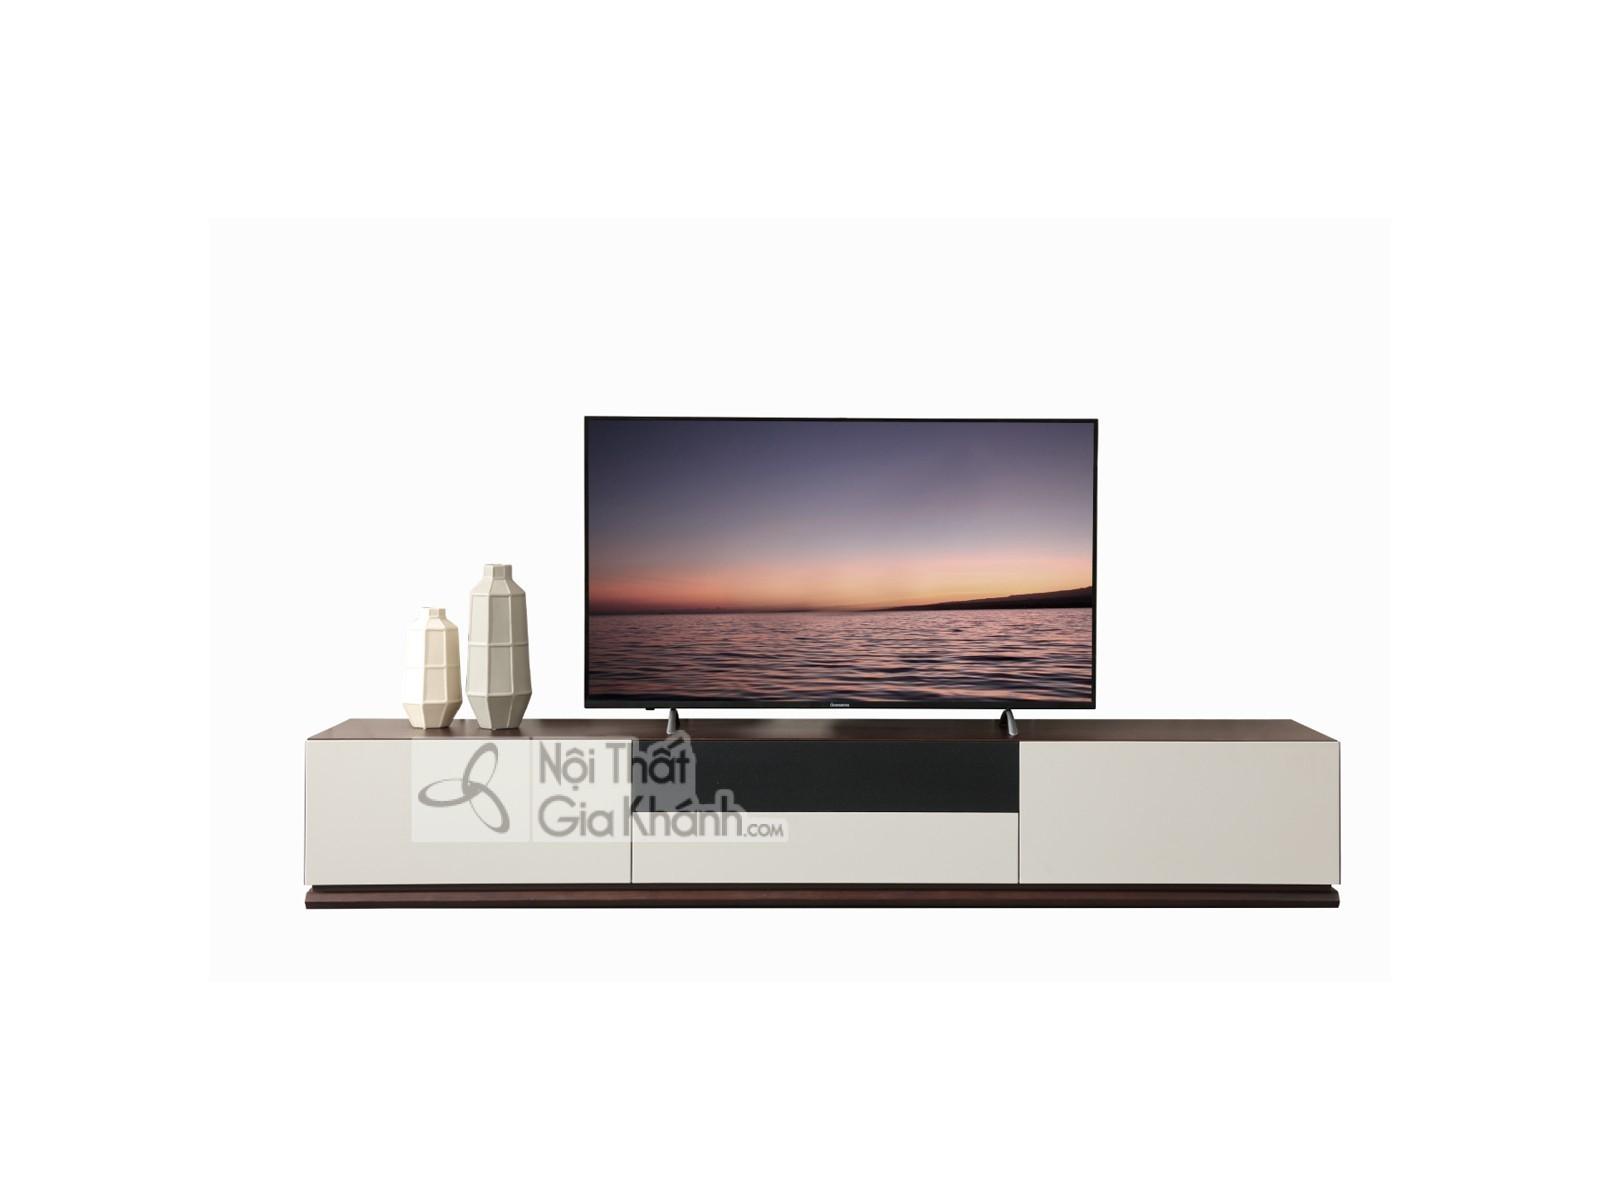 bo ban tra ke tivi hien dai nhap khau tv1801 13 - Bộ bàn trà kệ tivi hiện đại nhập khẩu TV1801-13